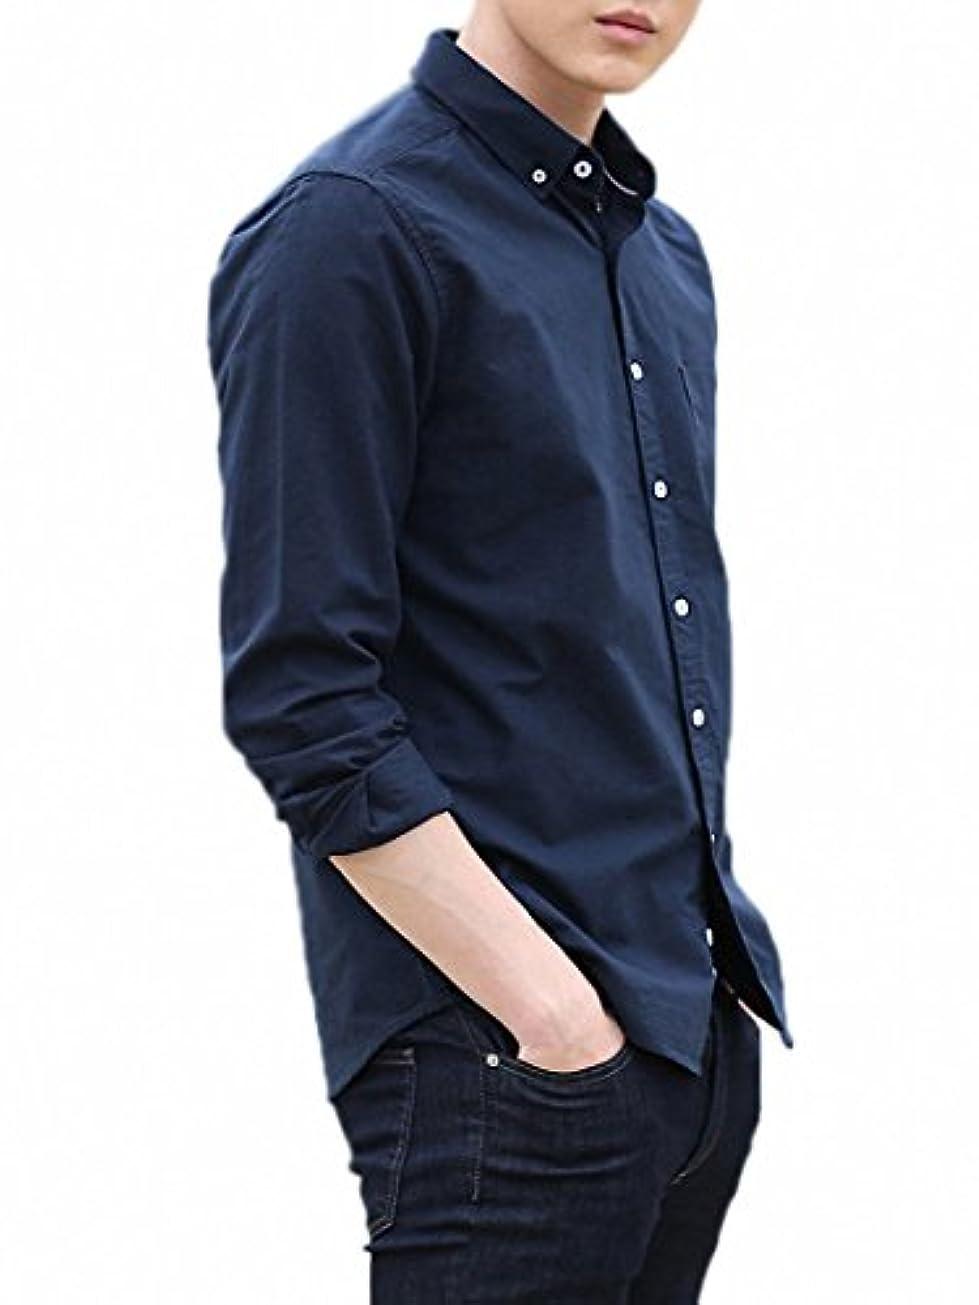 接ぎ木混乱した証明LOYEE yシャツ 長袖シャツ メンズ オックスフォード ボタンダウン ワイシャツ 無地 春 秋 スリム ビジネス カジュアル M04